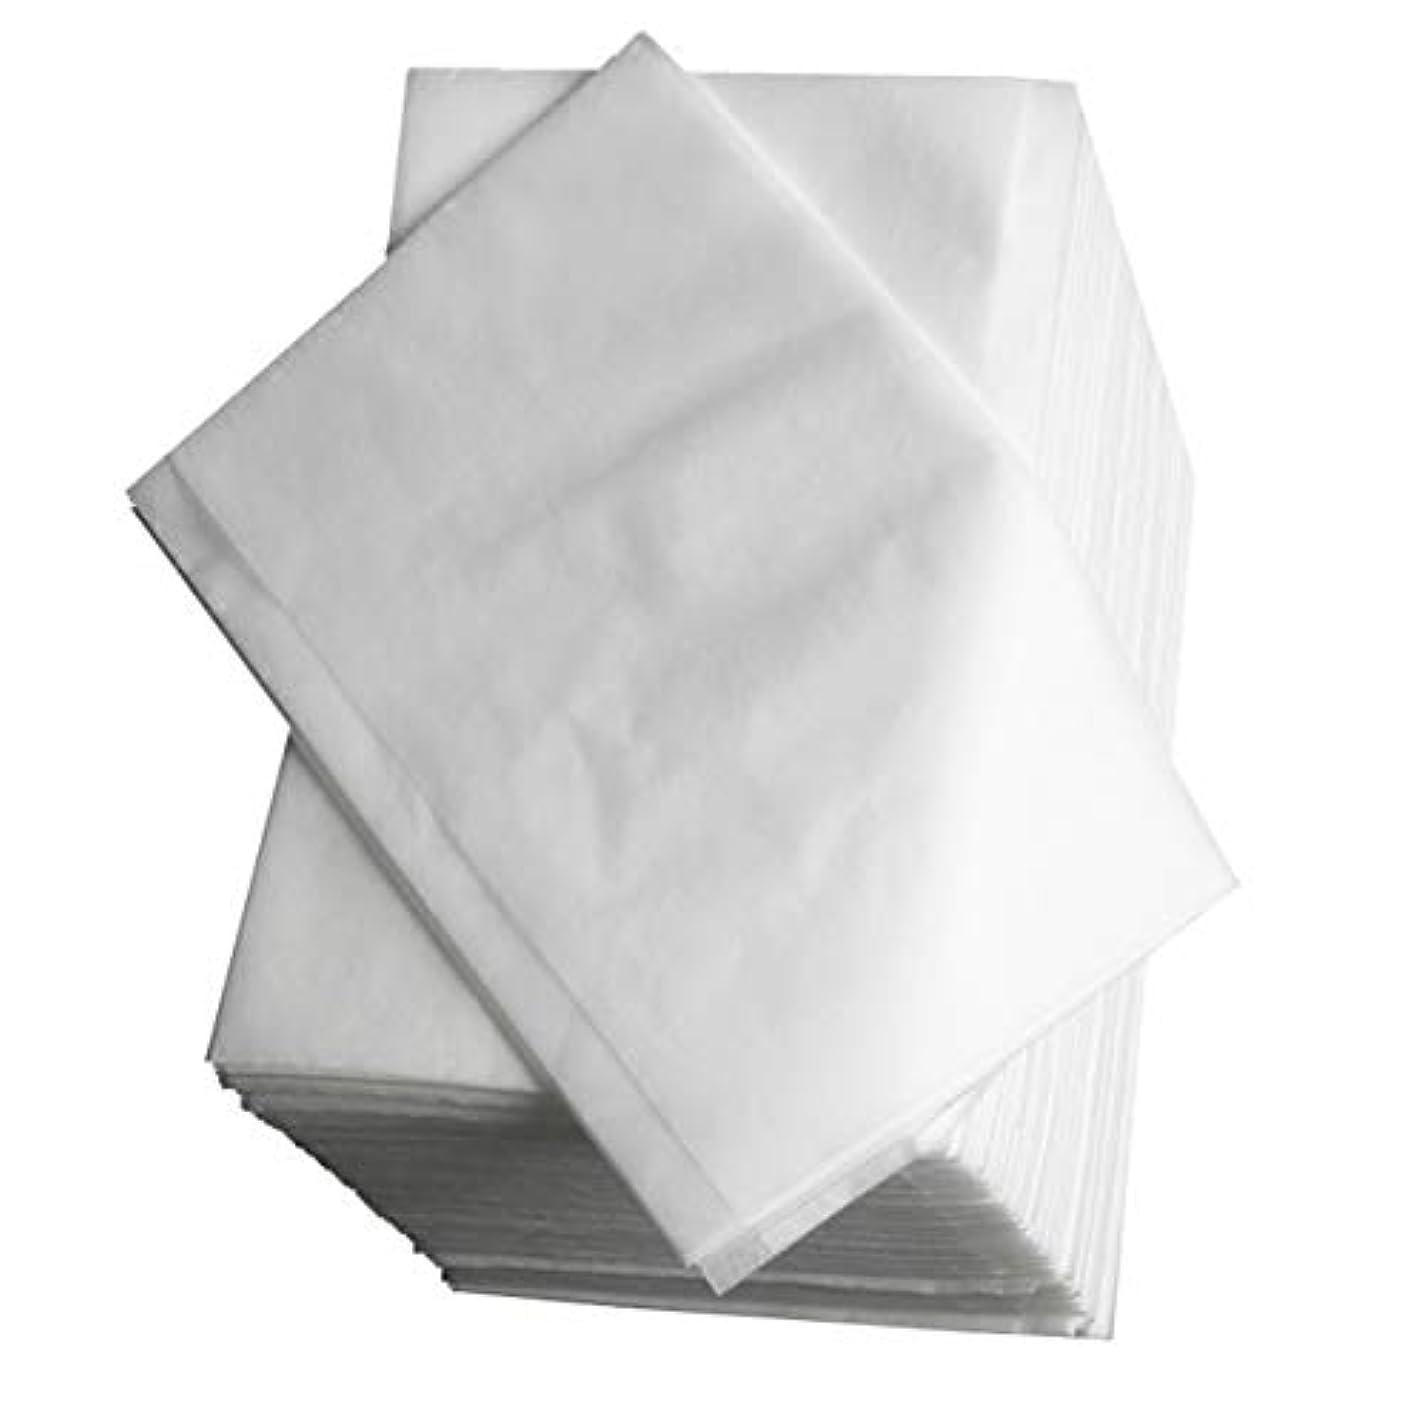 マーチャンダイジング渇き貸し手Disposable Bed Linen Beauty Salon Massage Travel Medical Non-woven Mattress Breathable Antibacterial Anti-infective